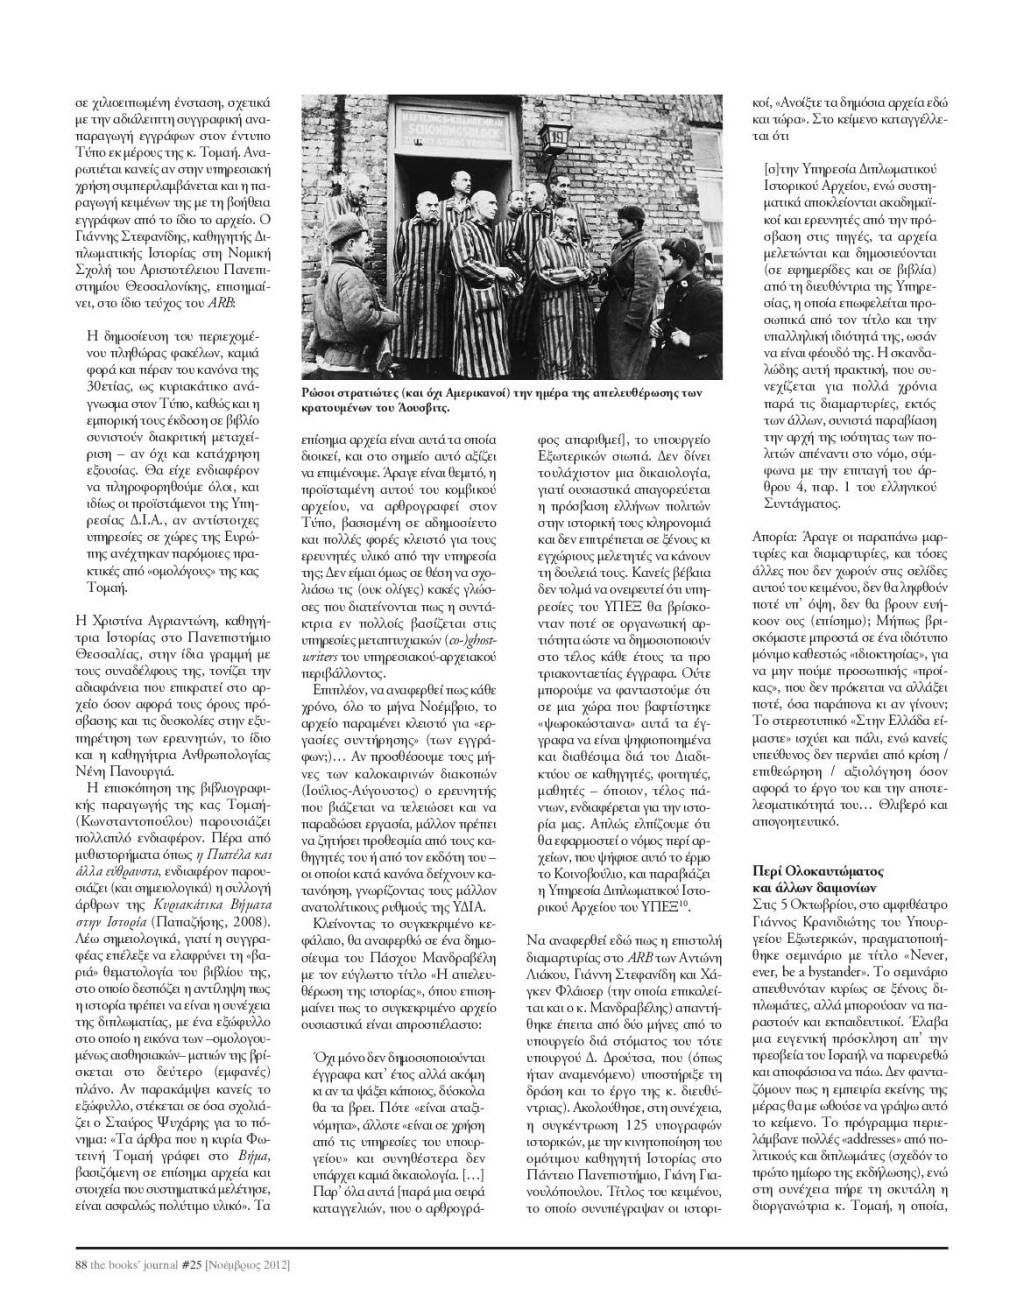 Αννα Μαρία Δρουμπούκη - Η θεσμική μνήμη του Ολοκαυτώματος στην Ελλάδα [2012-11-ΝΟΕ-BOOKS JOURNAL-ΤΧ#025] [2012] - AM_Tomai_Books' Journal-ΣΕΛ-88